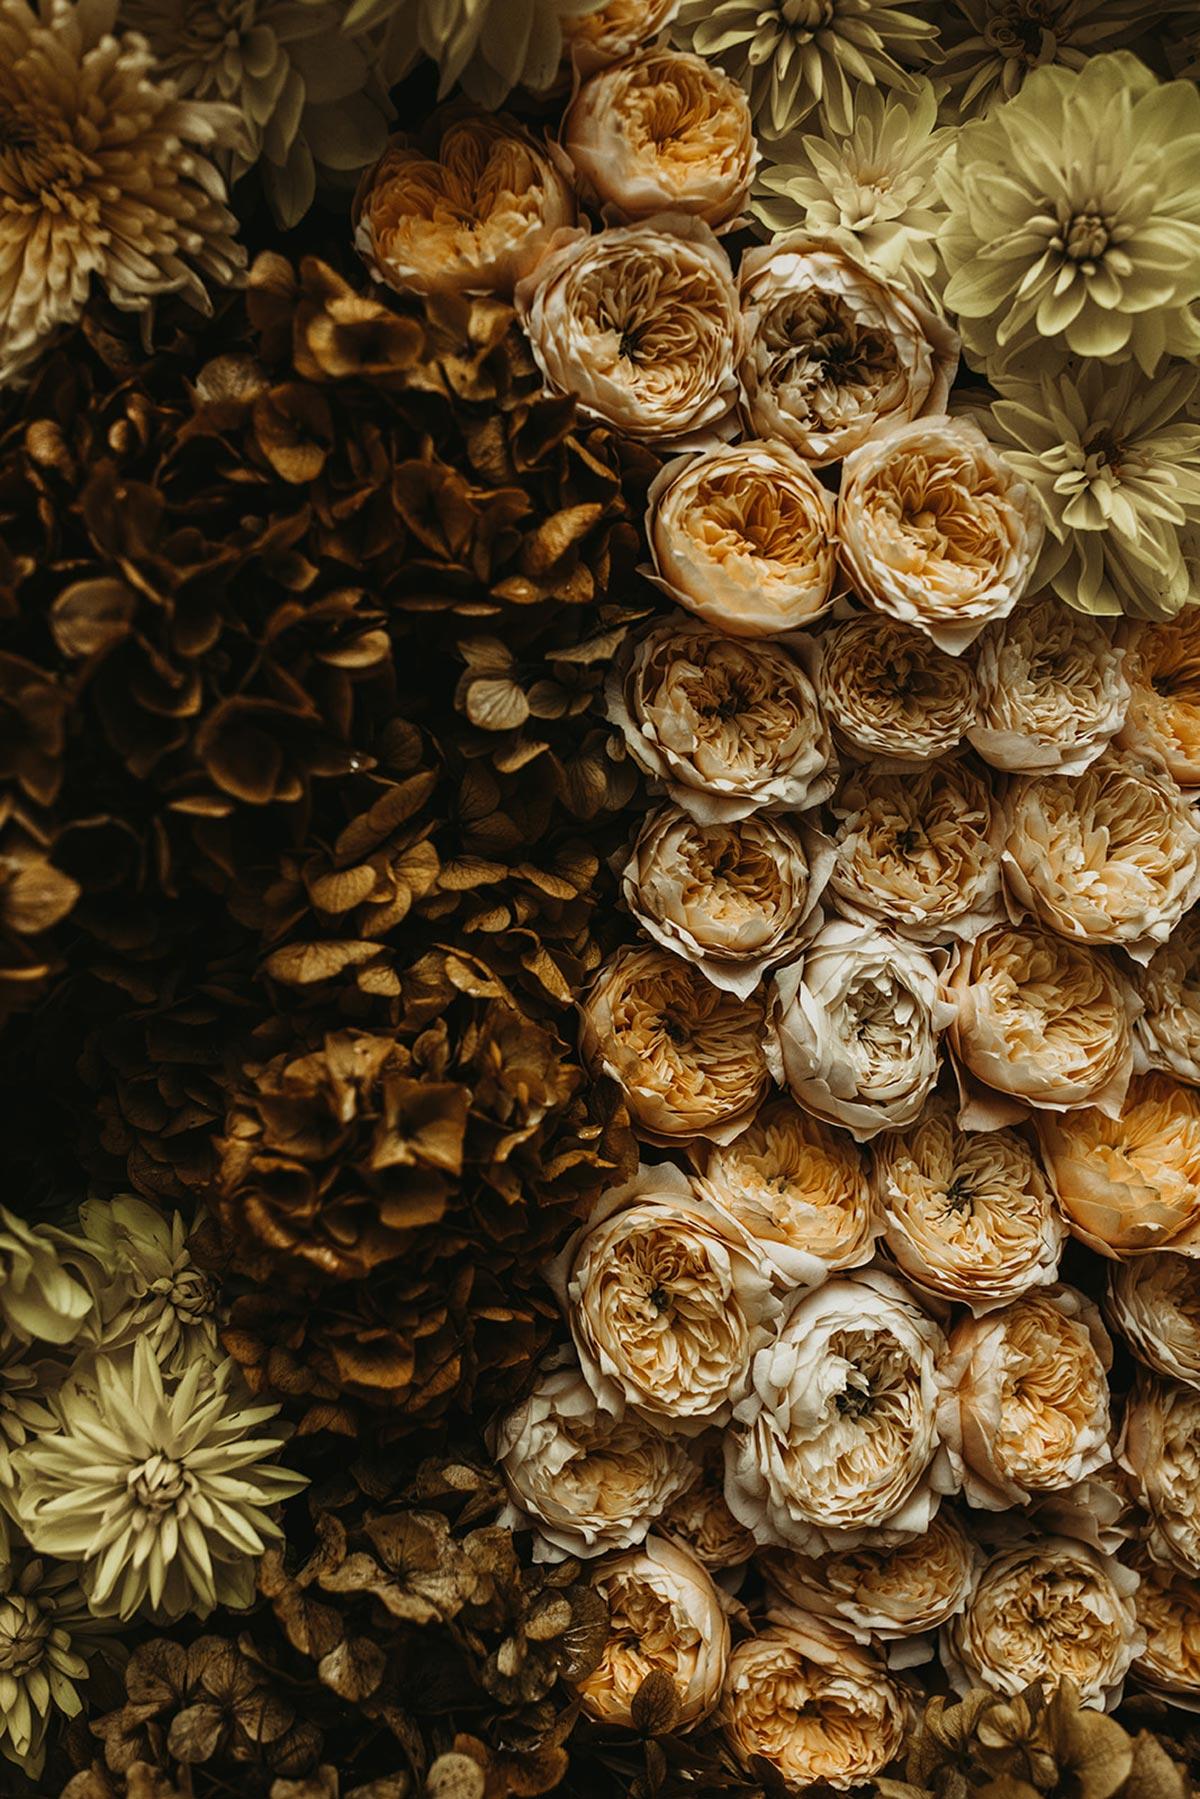 boda de invierno backdrop de flores rosas amarillas hortensias marrones